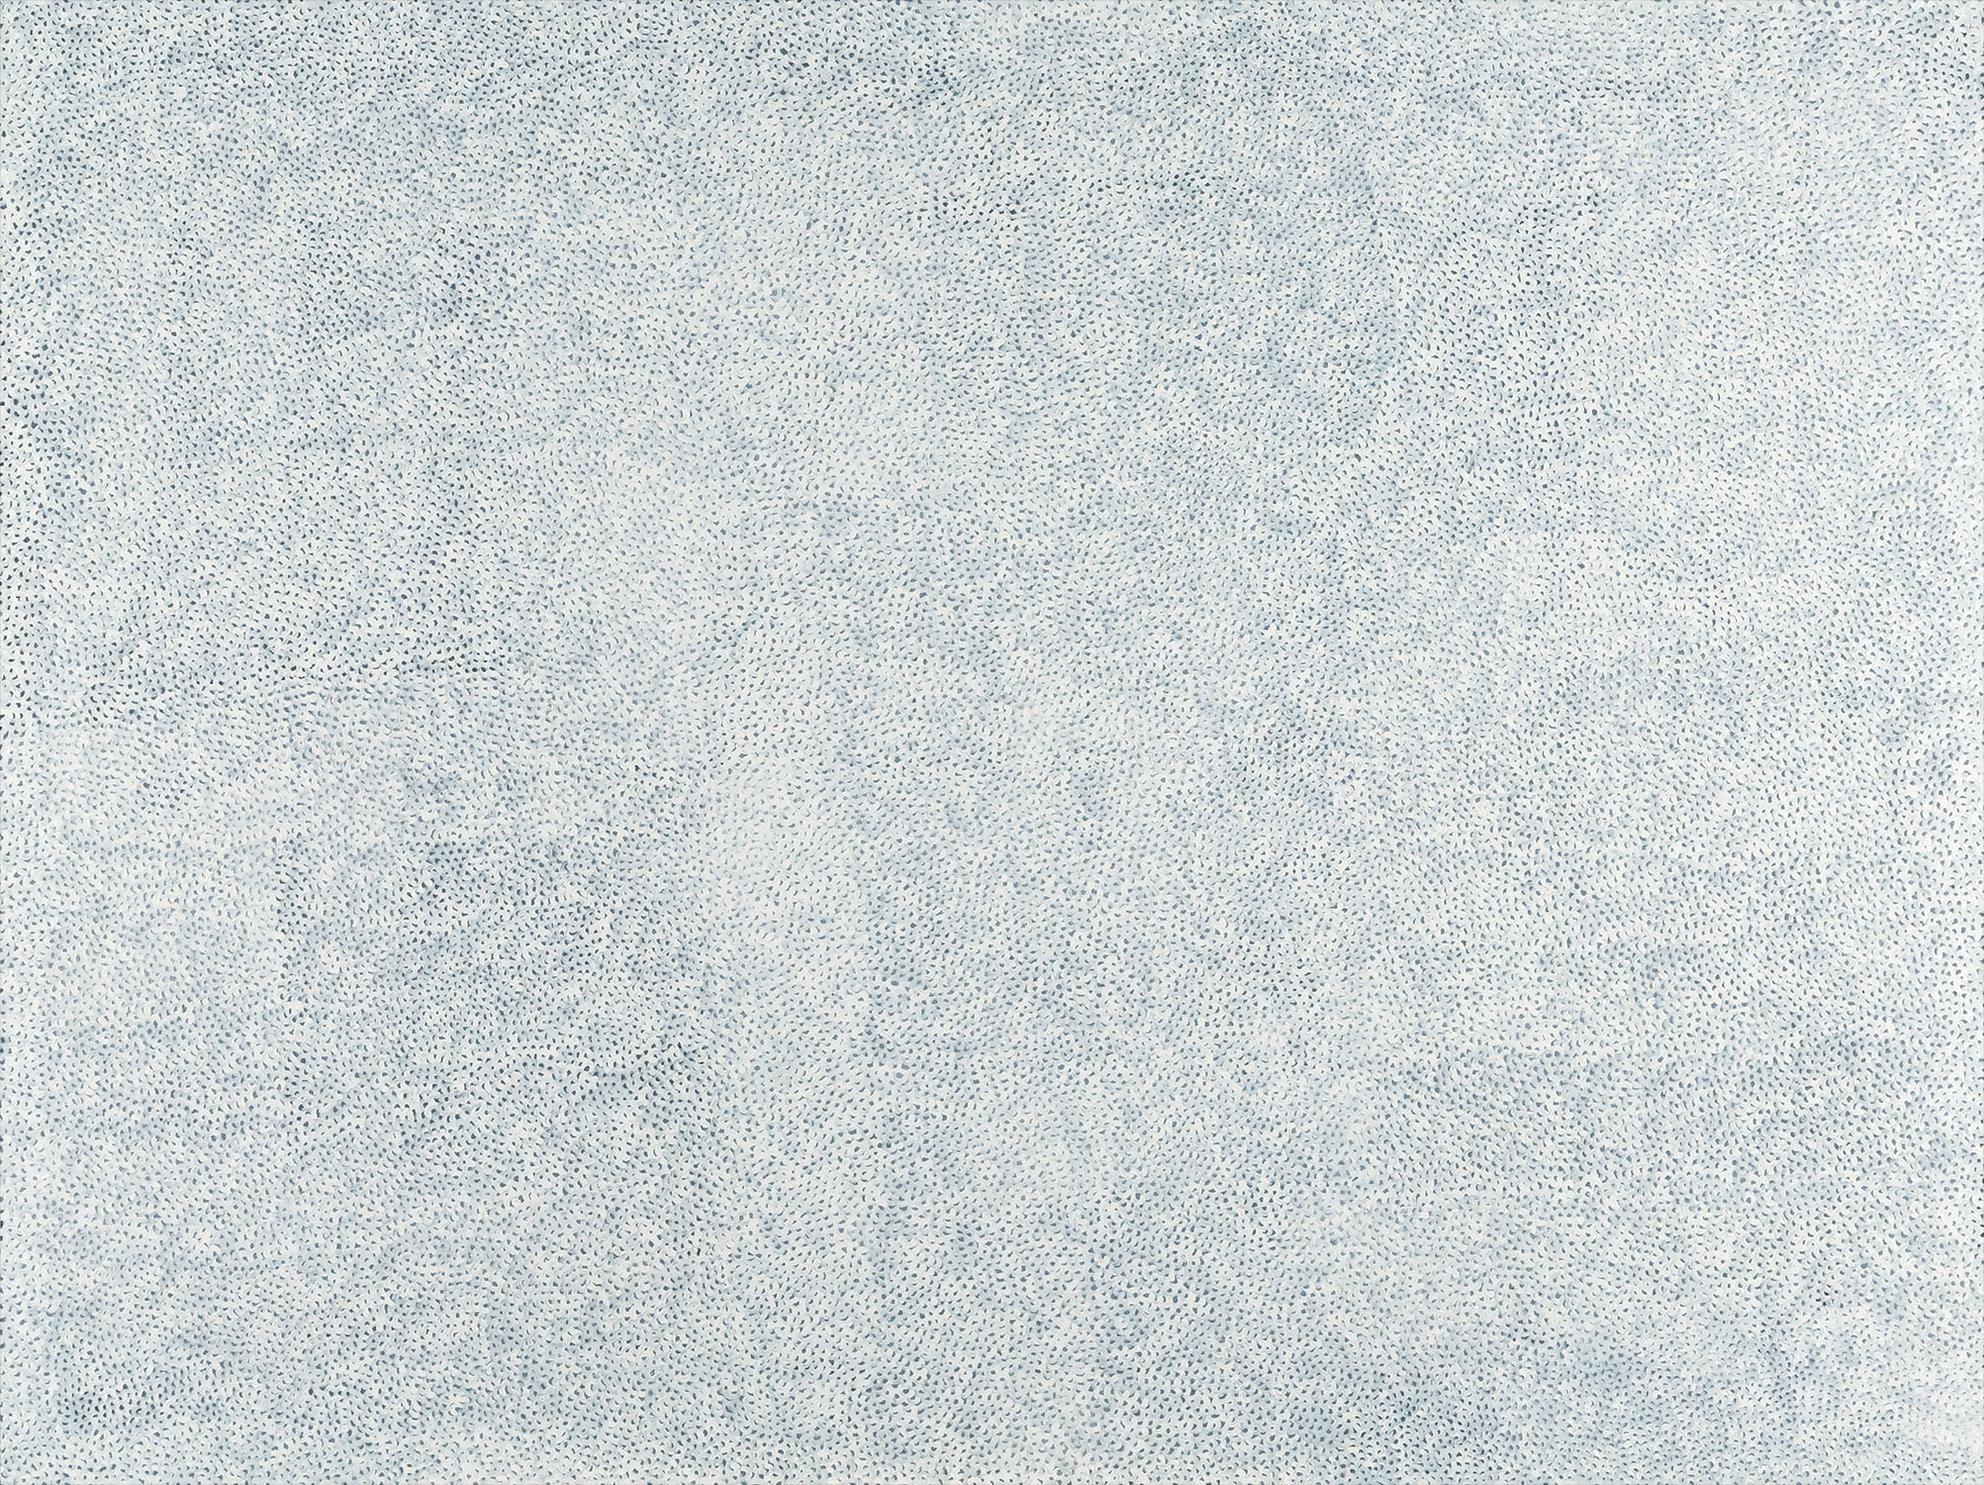 Yayoi Kusama-Infinity-Nets (Qrtwe)-2007